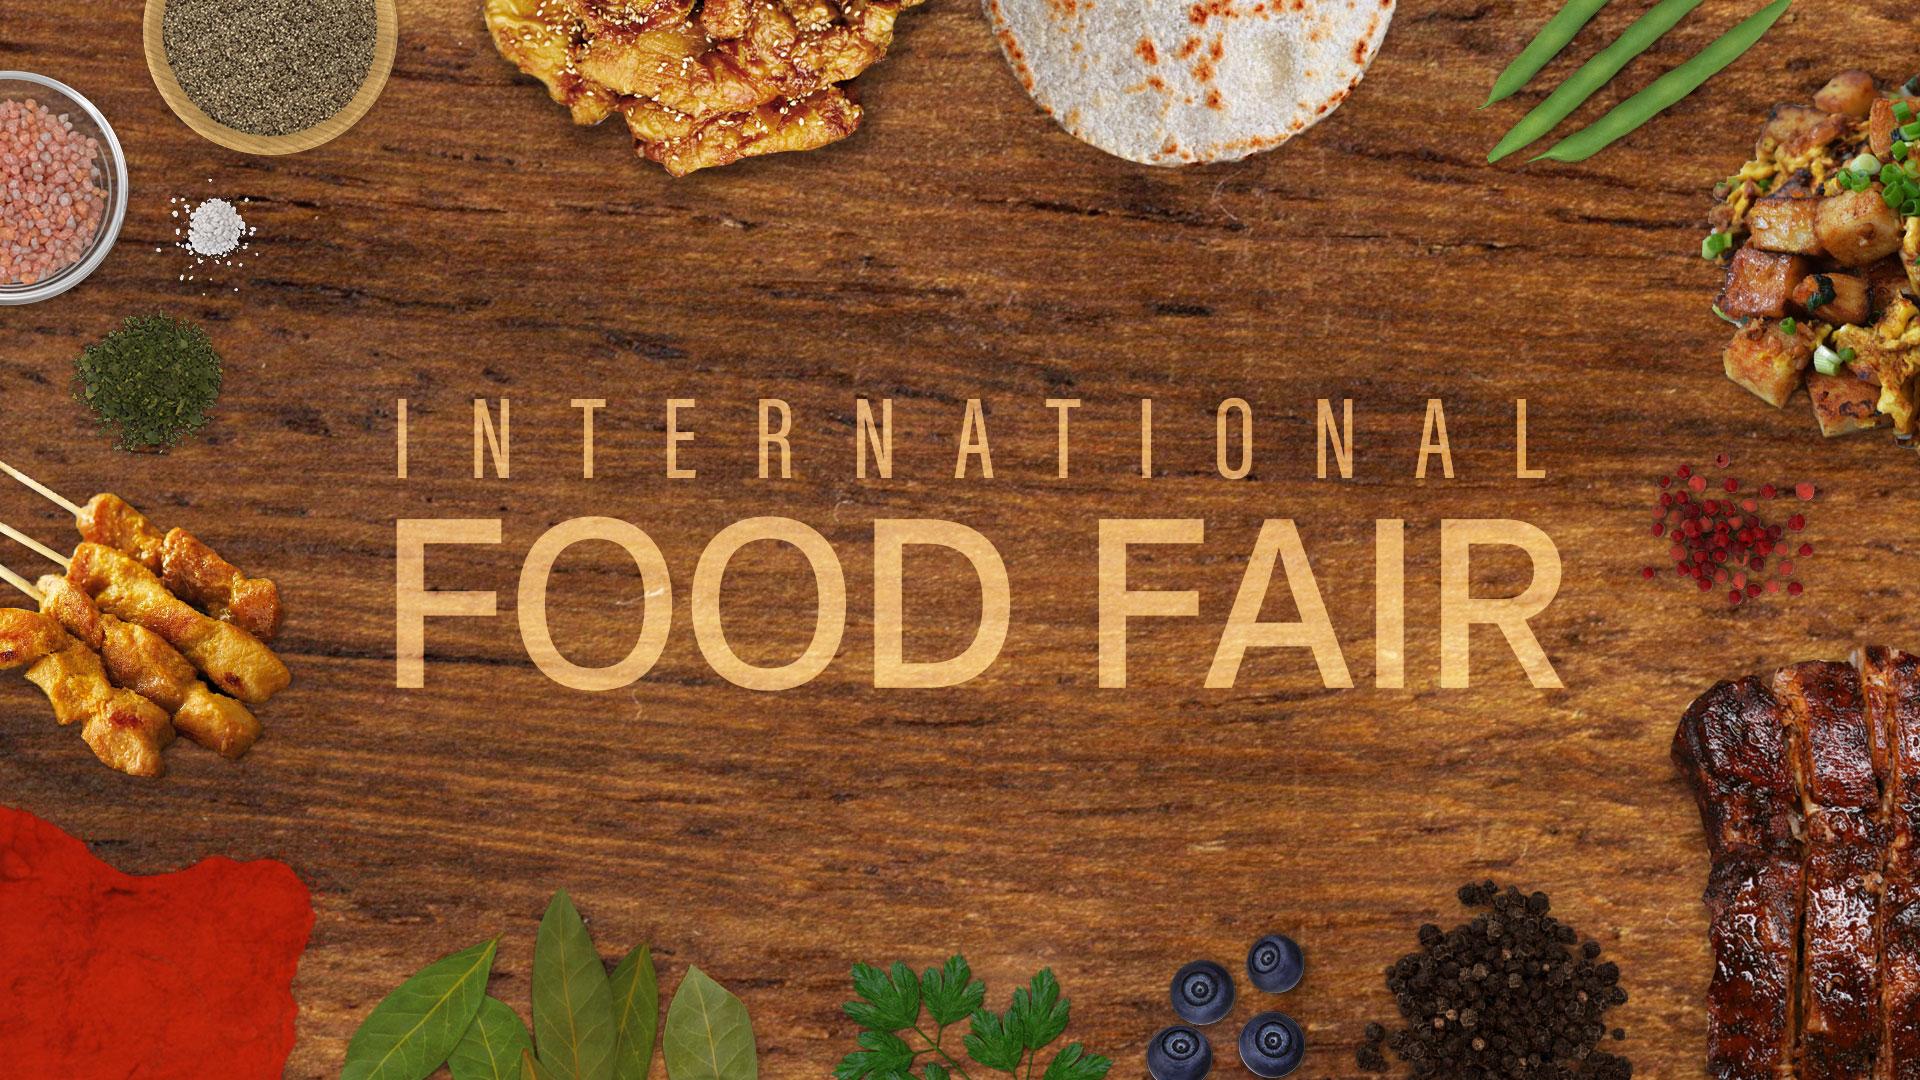 Calendario Fiere Alimentari 2020.Quali Sono Le Fiere Alimentari Piu Importanti Al Mondo